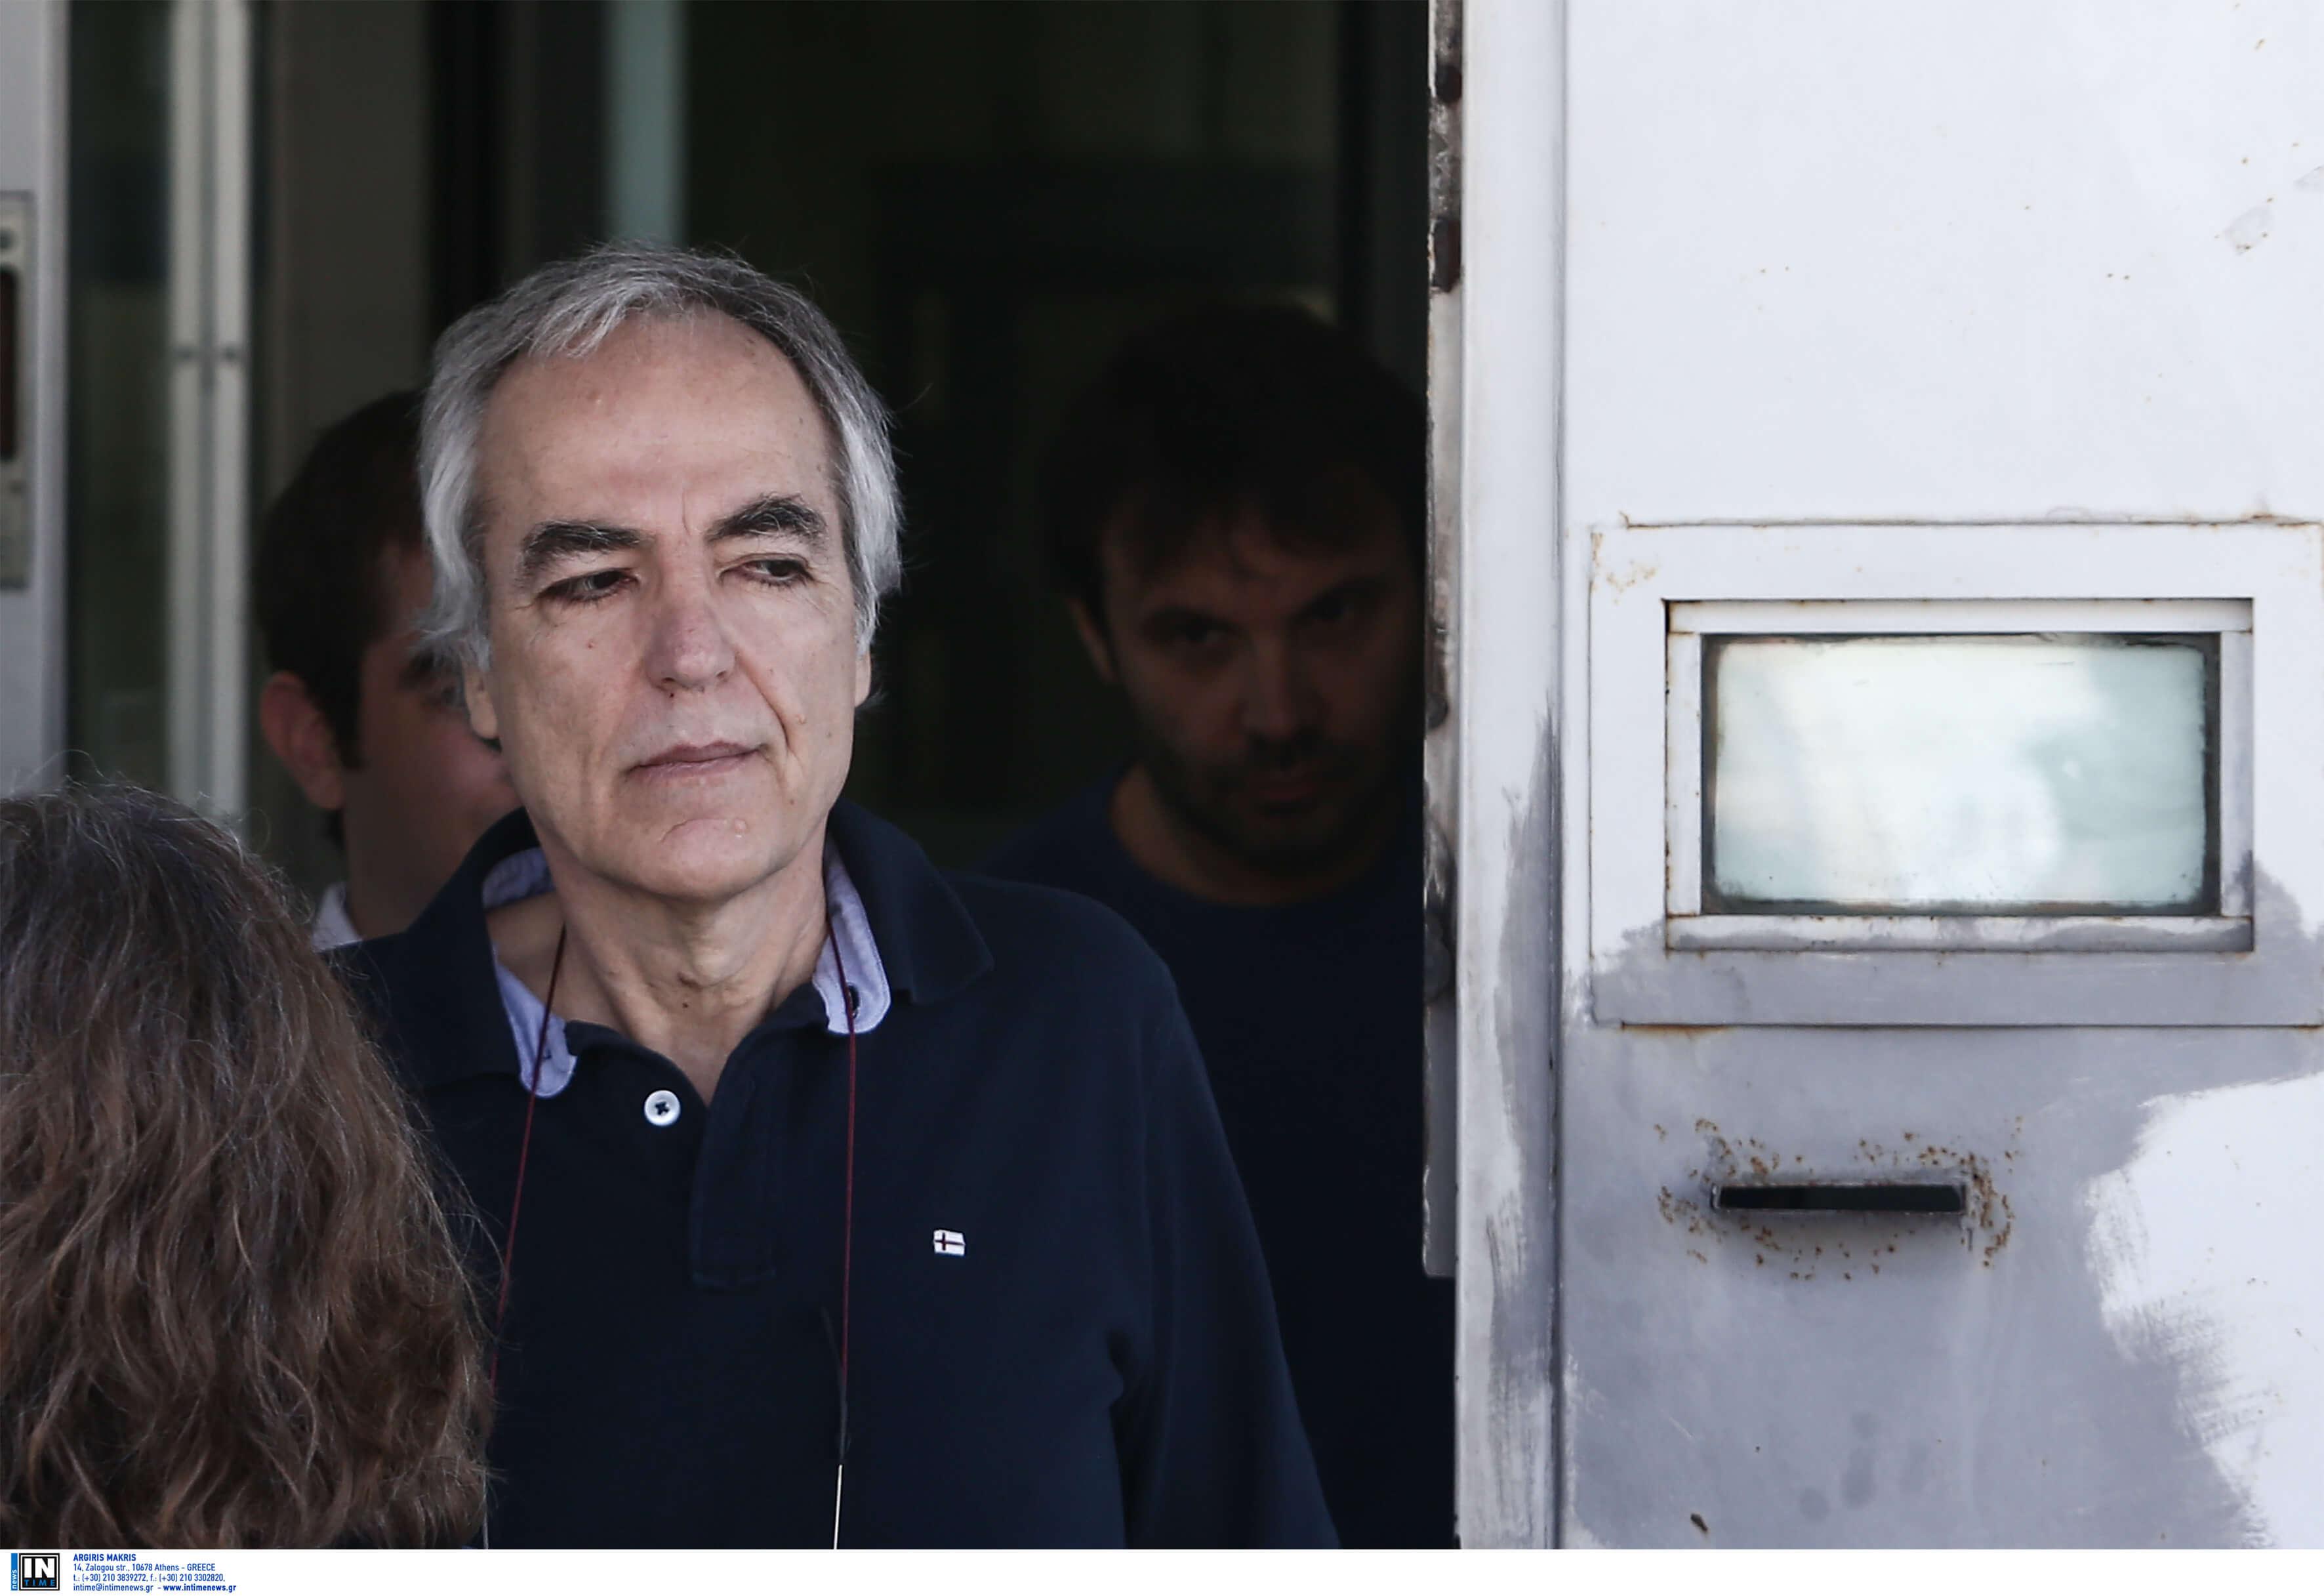 Ηγετικό στέλεχος Ρουβίκωνα για δικαστές: Μην ανησυχείτε, δεν θα πυροβολήσουμε κανέναν